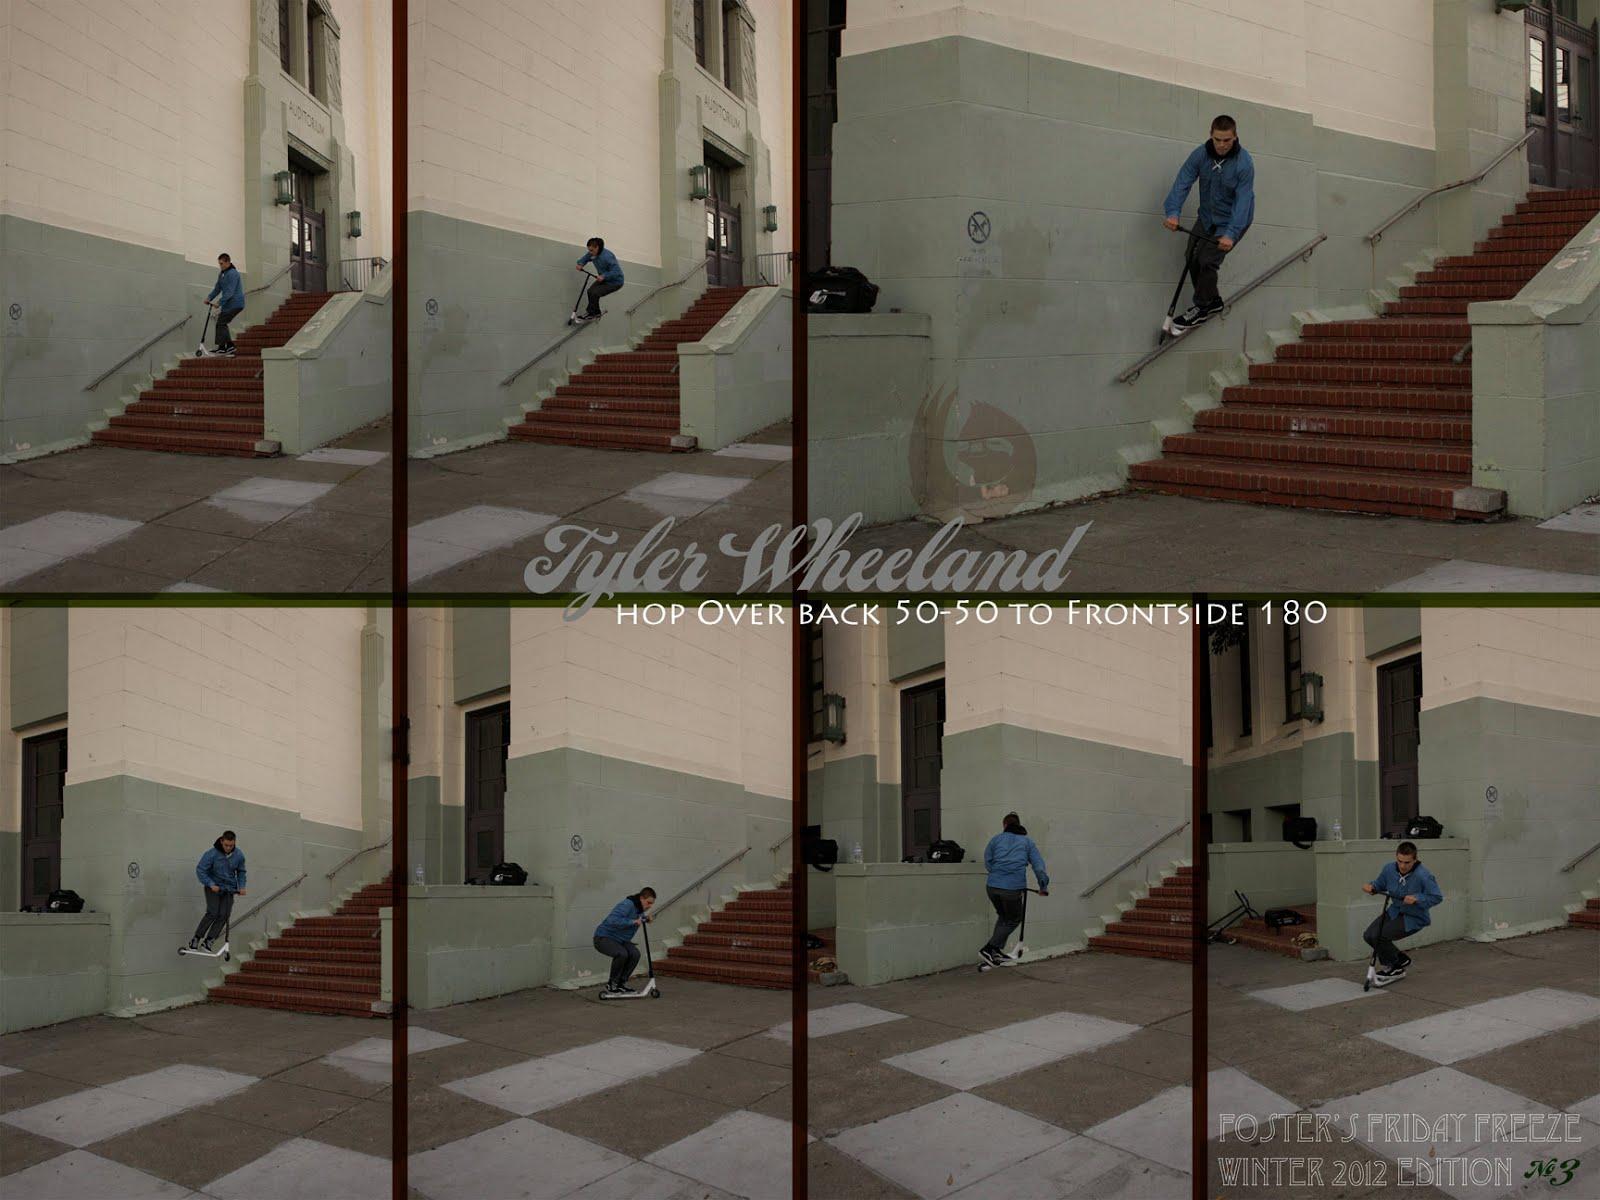 Tyler Wheeland | Inside 5050 fs 180 | 2012 HG Ad